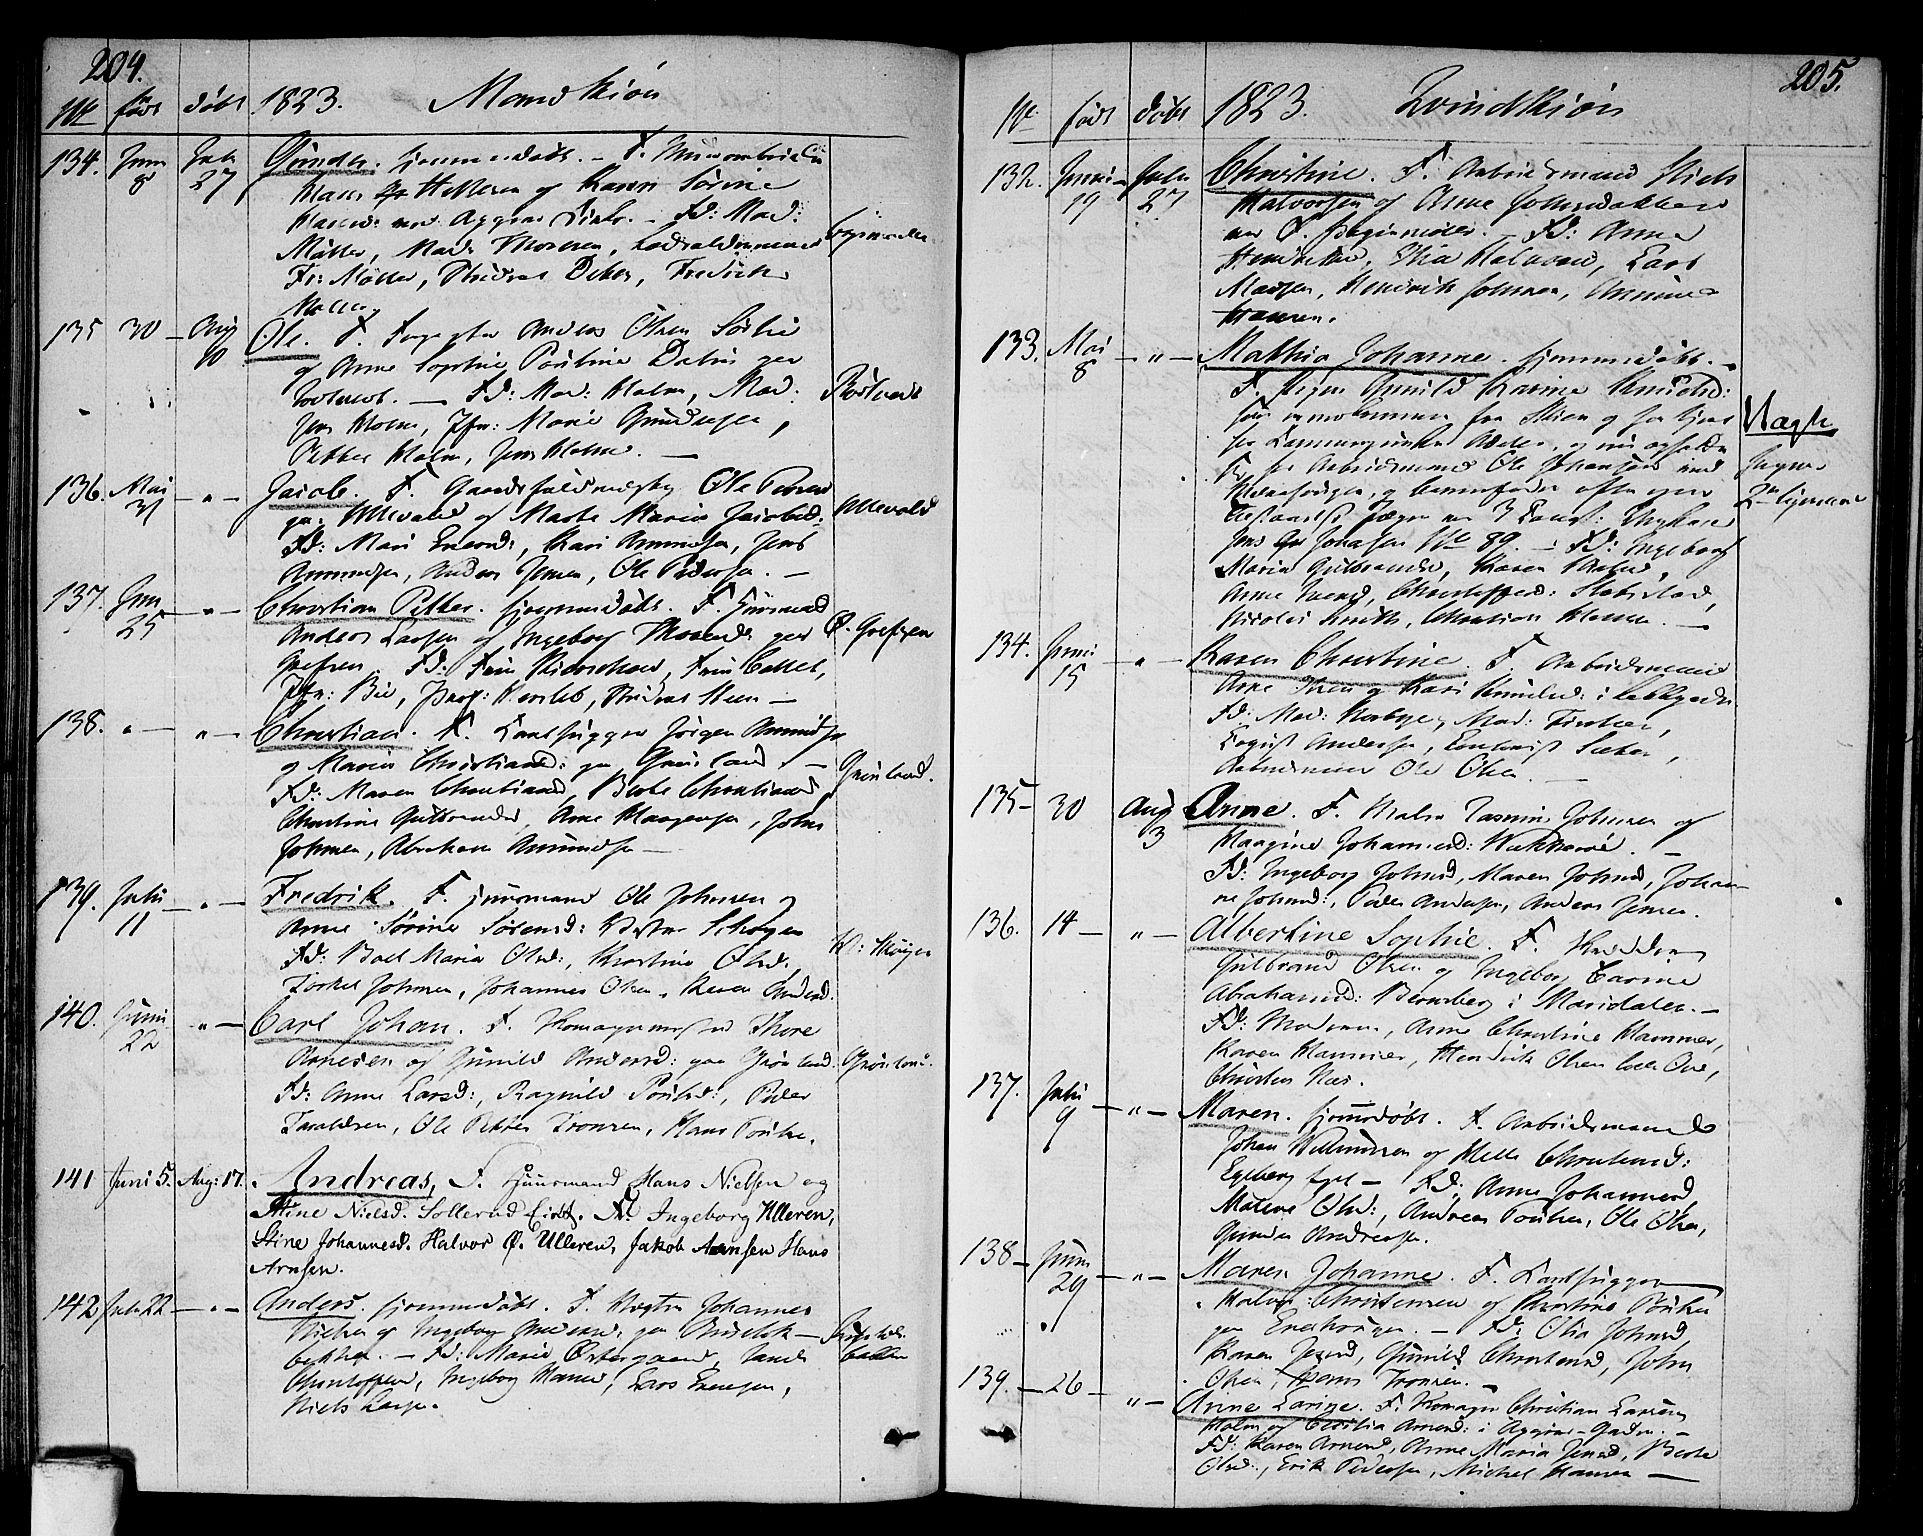 SAO, Aker prestekontor kirkebøker, F/L0012: Ministerialbok nr. 12, 1819-1828, s. 204-205